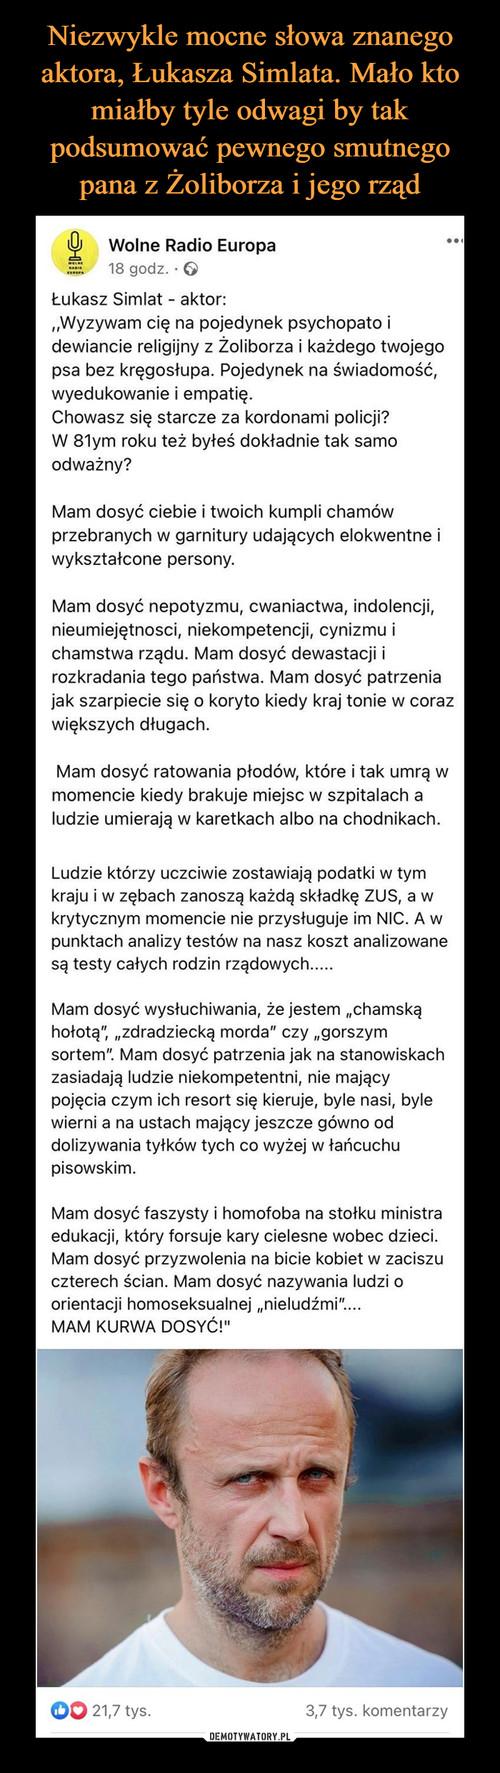 Niezwykle mocne słowa znanego aktora, Łukasza Simlata. Mało kto miałby tyle odwagi by tak podsumować pewnego smutnego pana z Żoliborza i jego rząd